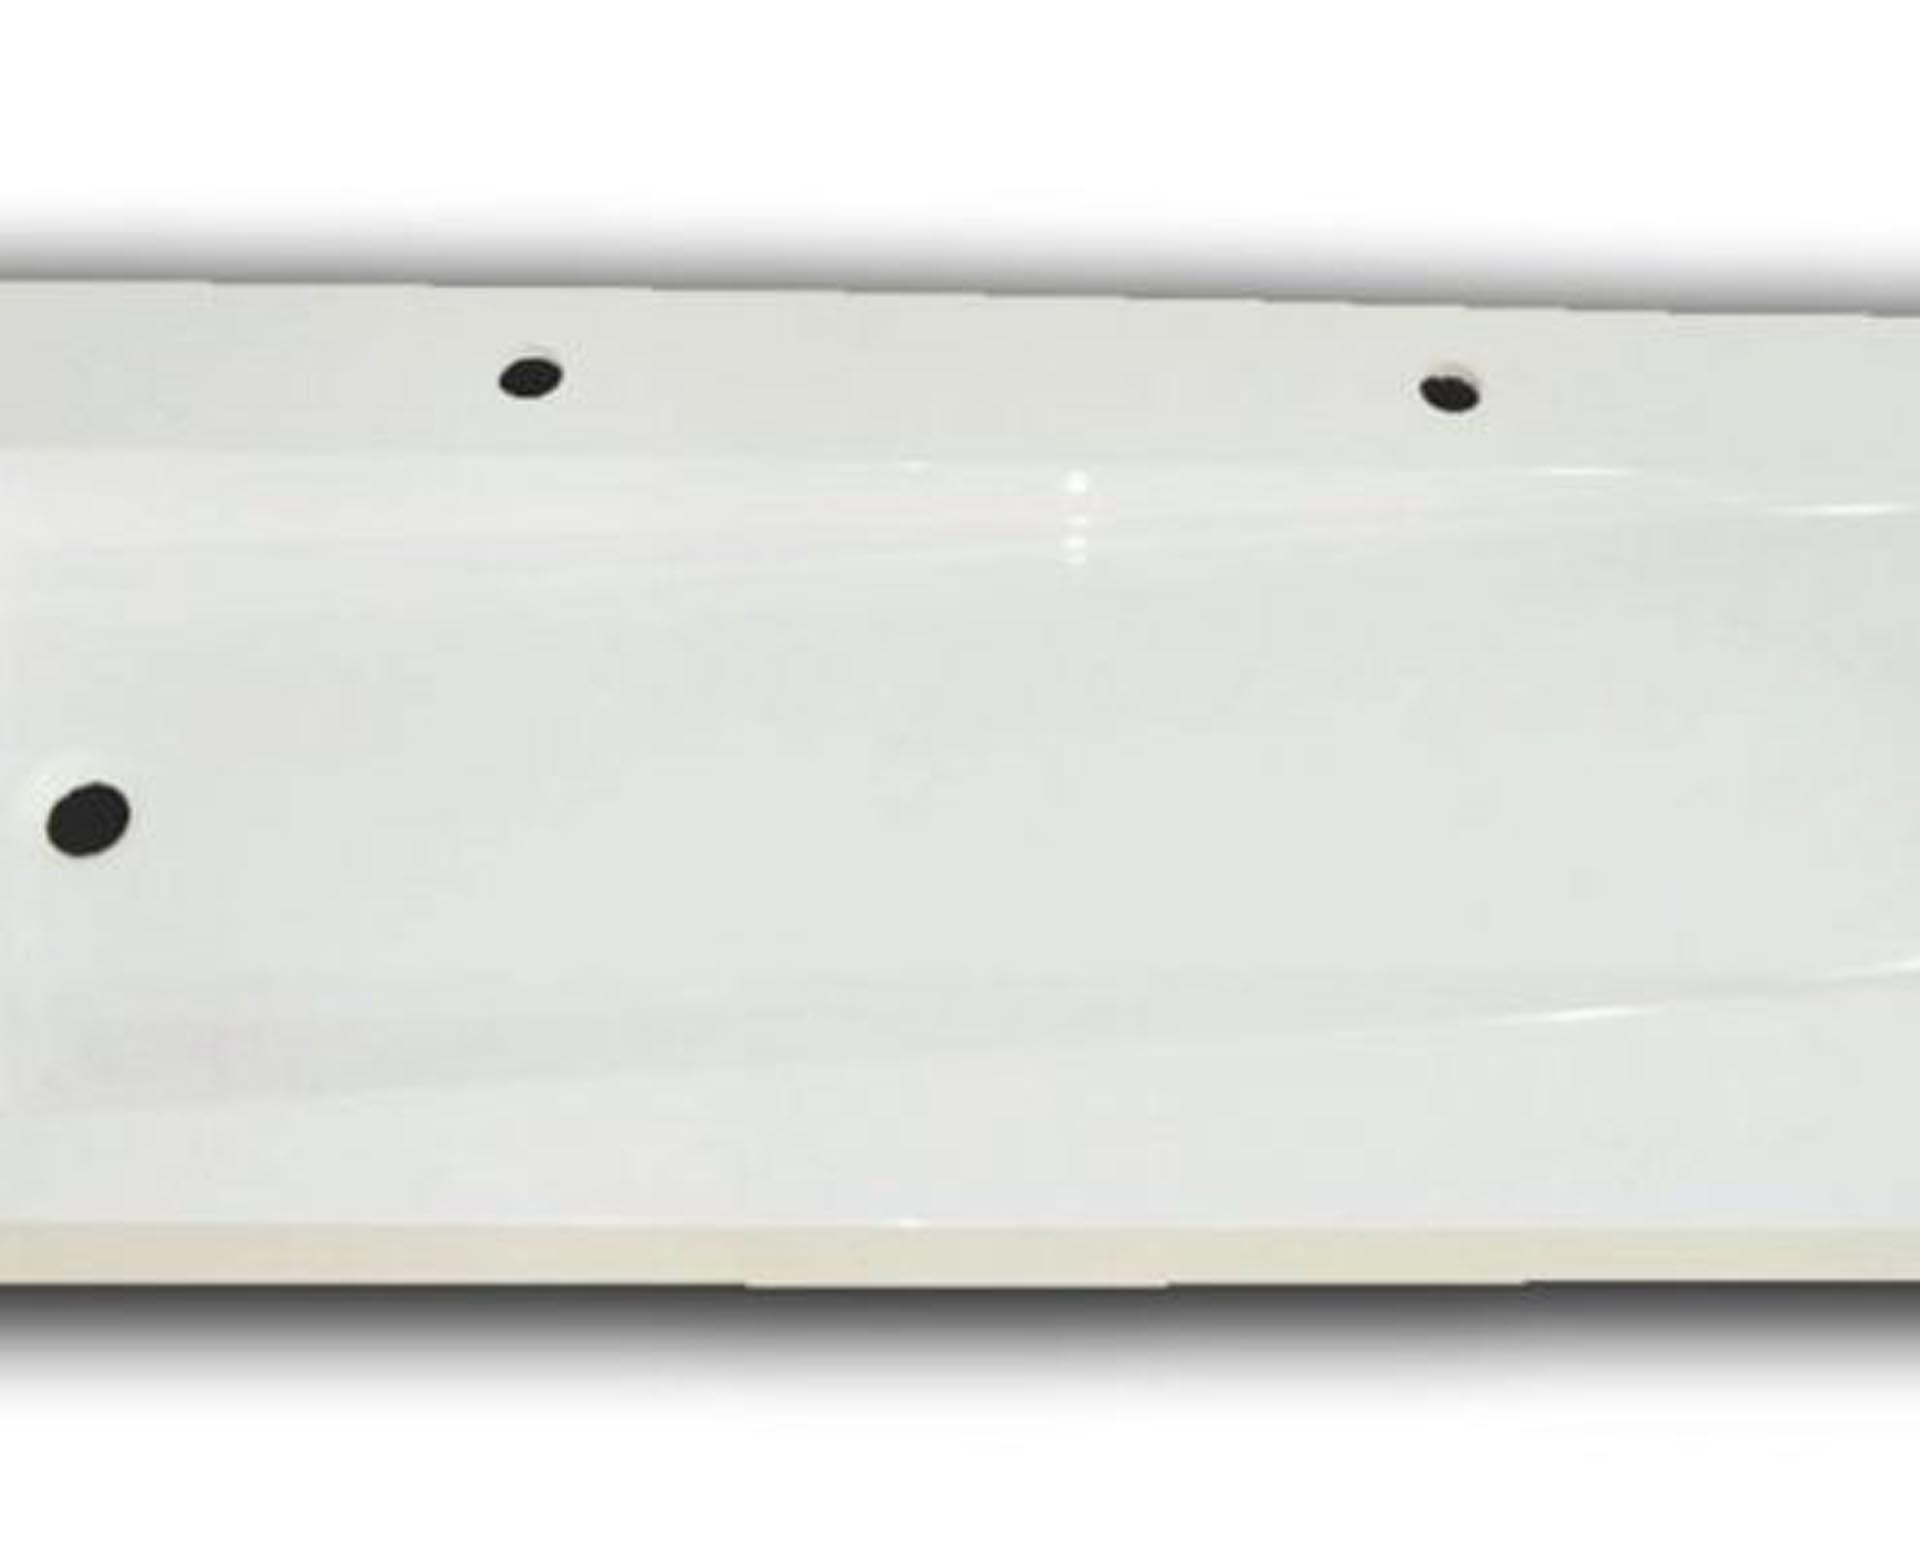 Flot designhåndvask i Kunstmarmor (Top-Solid). Vasken er lavet i hvid højglans komposit, som gør den meget nem at holde ren. Vasken har målene: 141 x 54 x 10 cm. Vasken tåler alle former for rengøringsmidler. Vasken kan bruges som fritstående vask - da vasken er flad i bunden er den velegnet til at placere direkte på en bordplade. Vasken er hensynsmæssigt designet med fine rundinger, som både giver vasken et eksklusivt udtryk og gør den rengøringsvenlig. Vasken vedligeholdes med voks - vi anbefaler en behandling med vores egen naturvoks ID12002 et par gange om året for at opnå optimalt look.